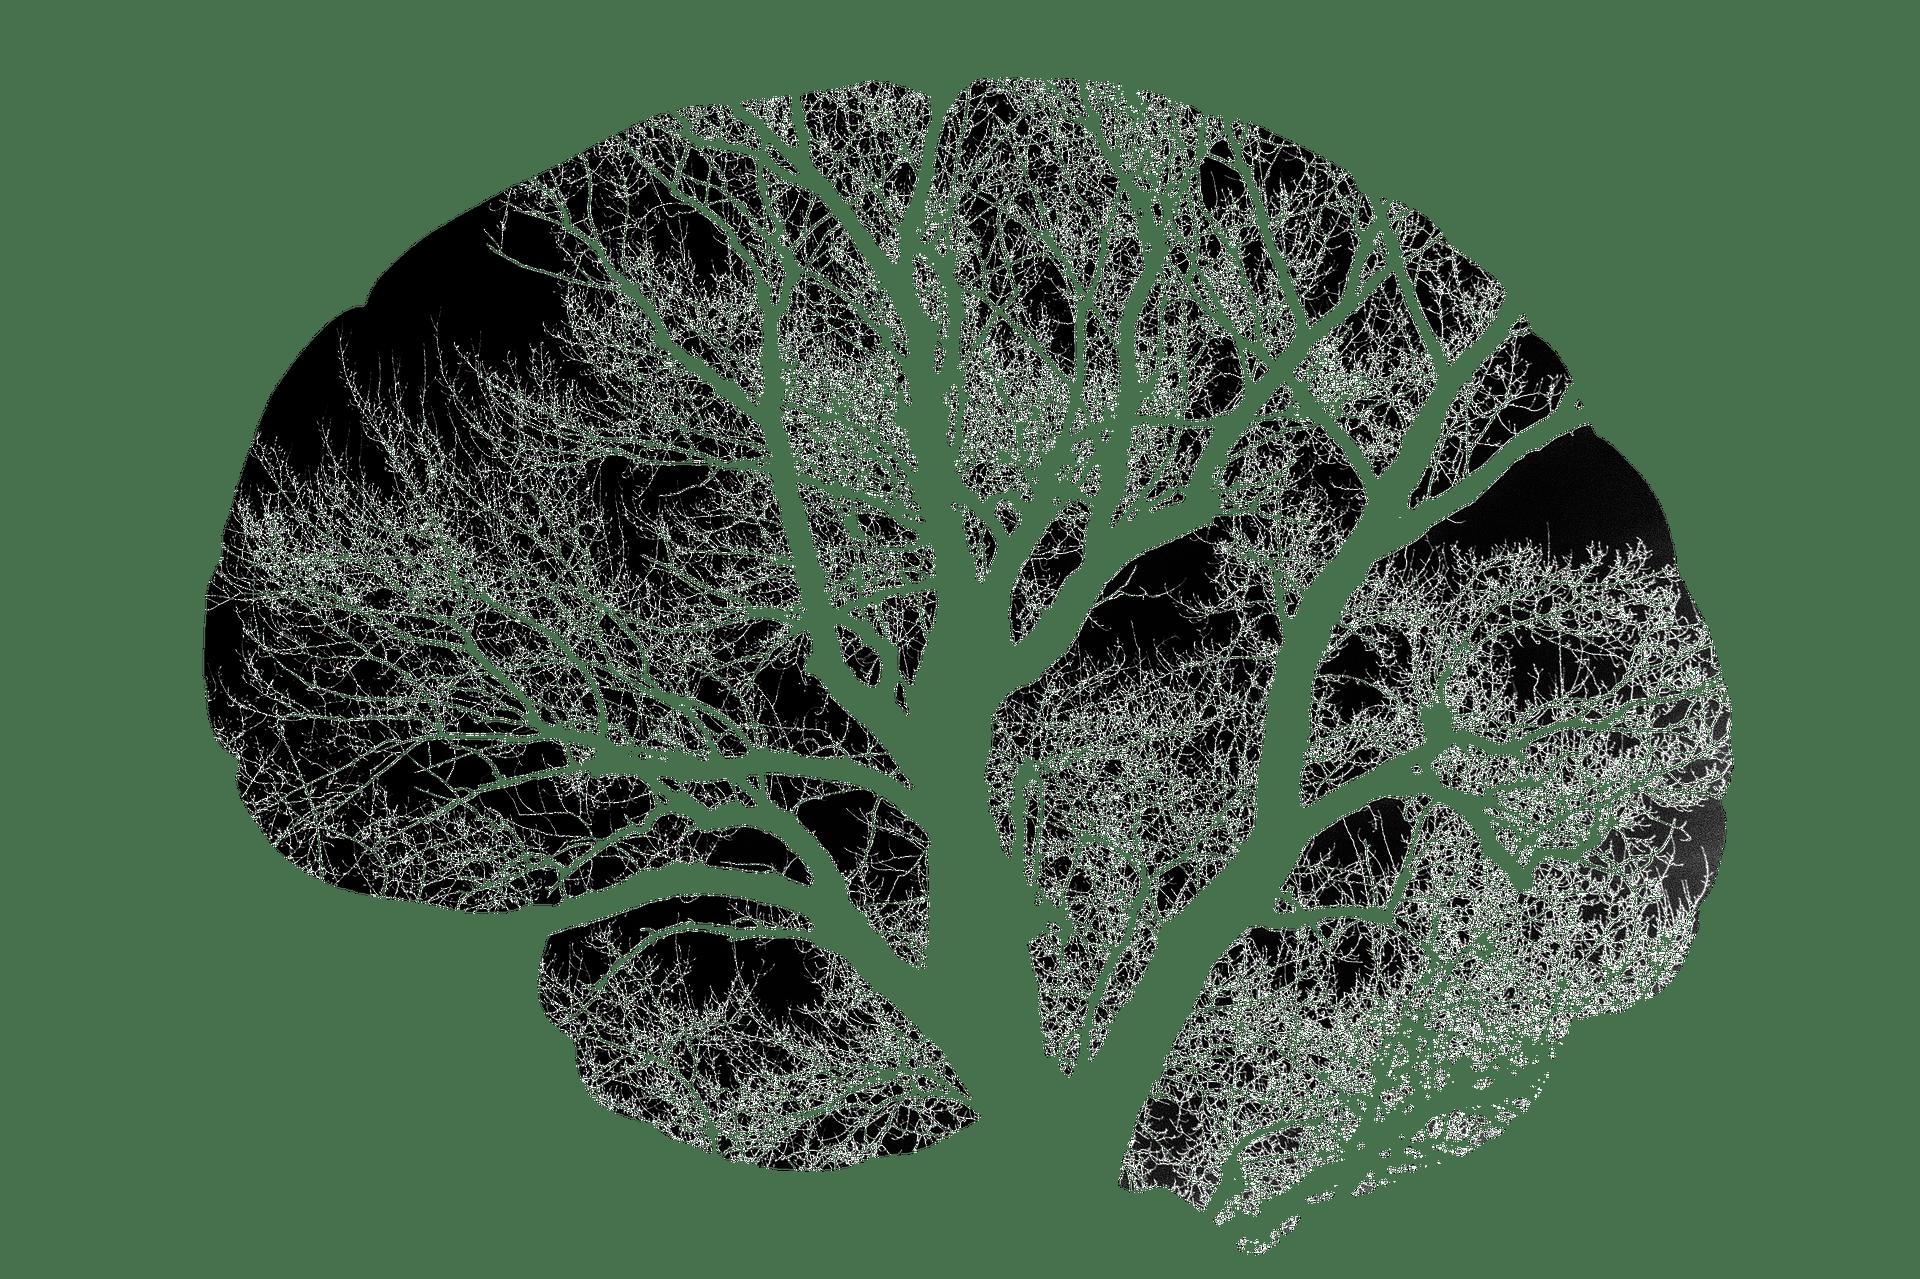 Ihre Fachärztin für Neurologie in Innsbruck, Dr. Birgit Biedermann. Wichtige neurologische Erkrankungen: Kopfschmerzen, Migräne, Schlaganfall, Epilepsien, multiple Sklerose, Demenzen, Morbus Parkinson und verwandte Erkrankungen, Kopfschmerzen, Dystonien, Myopathien, Neuropathien, Schwindel und Psychosomatische Erkrankungen.